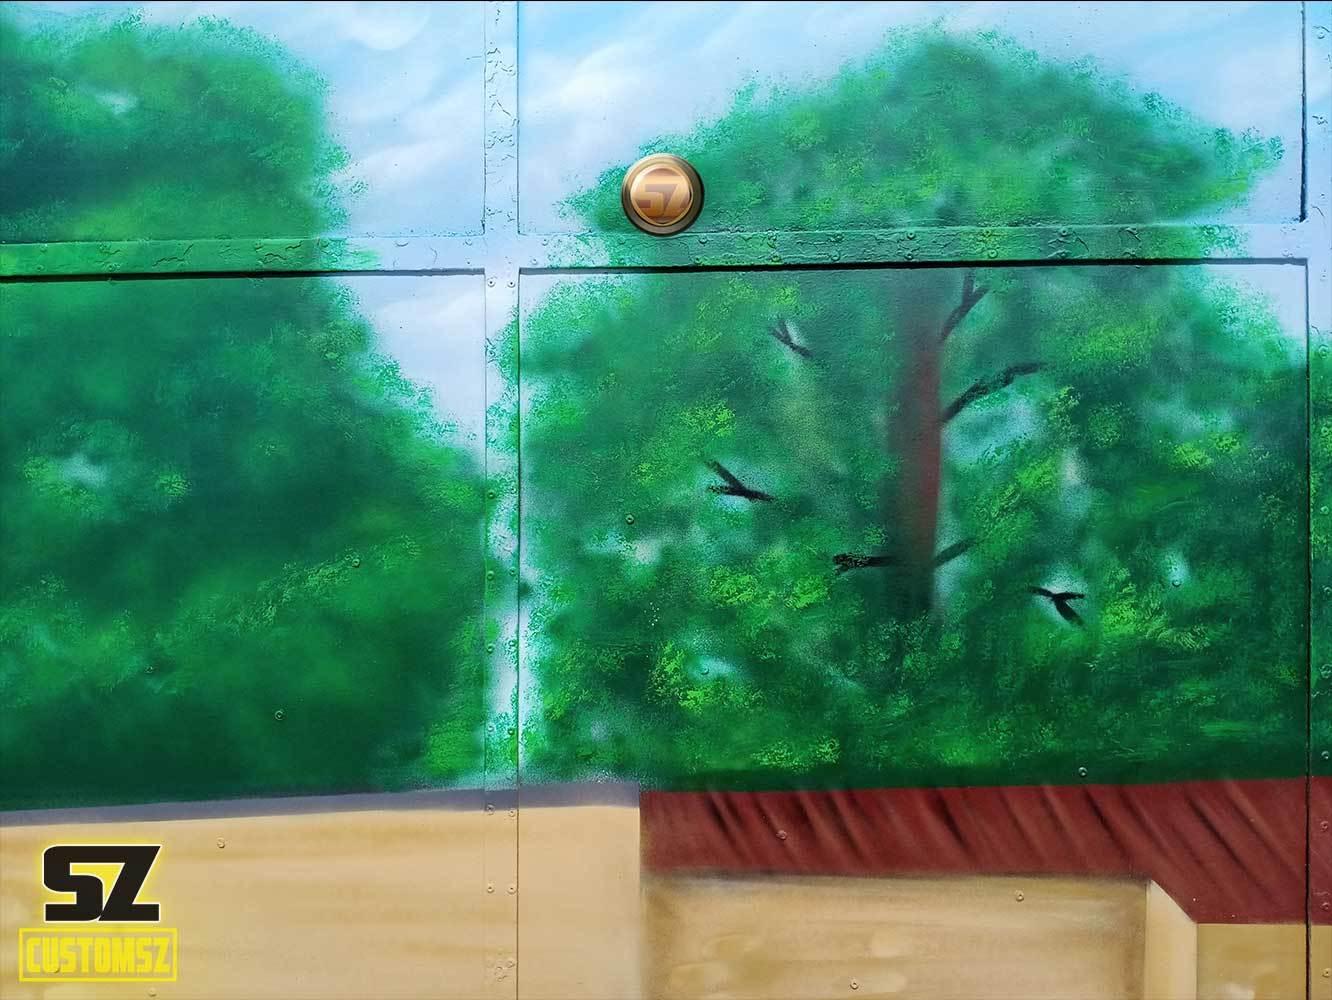 graffeur-professionnel-decoration-mural-mur-paysage-arbre-ville-Surgeres-France-bordeaux-biarritz-la-rochelle